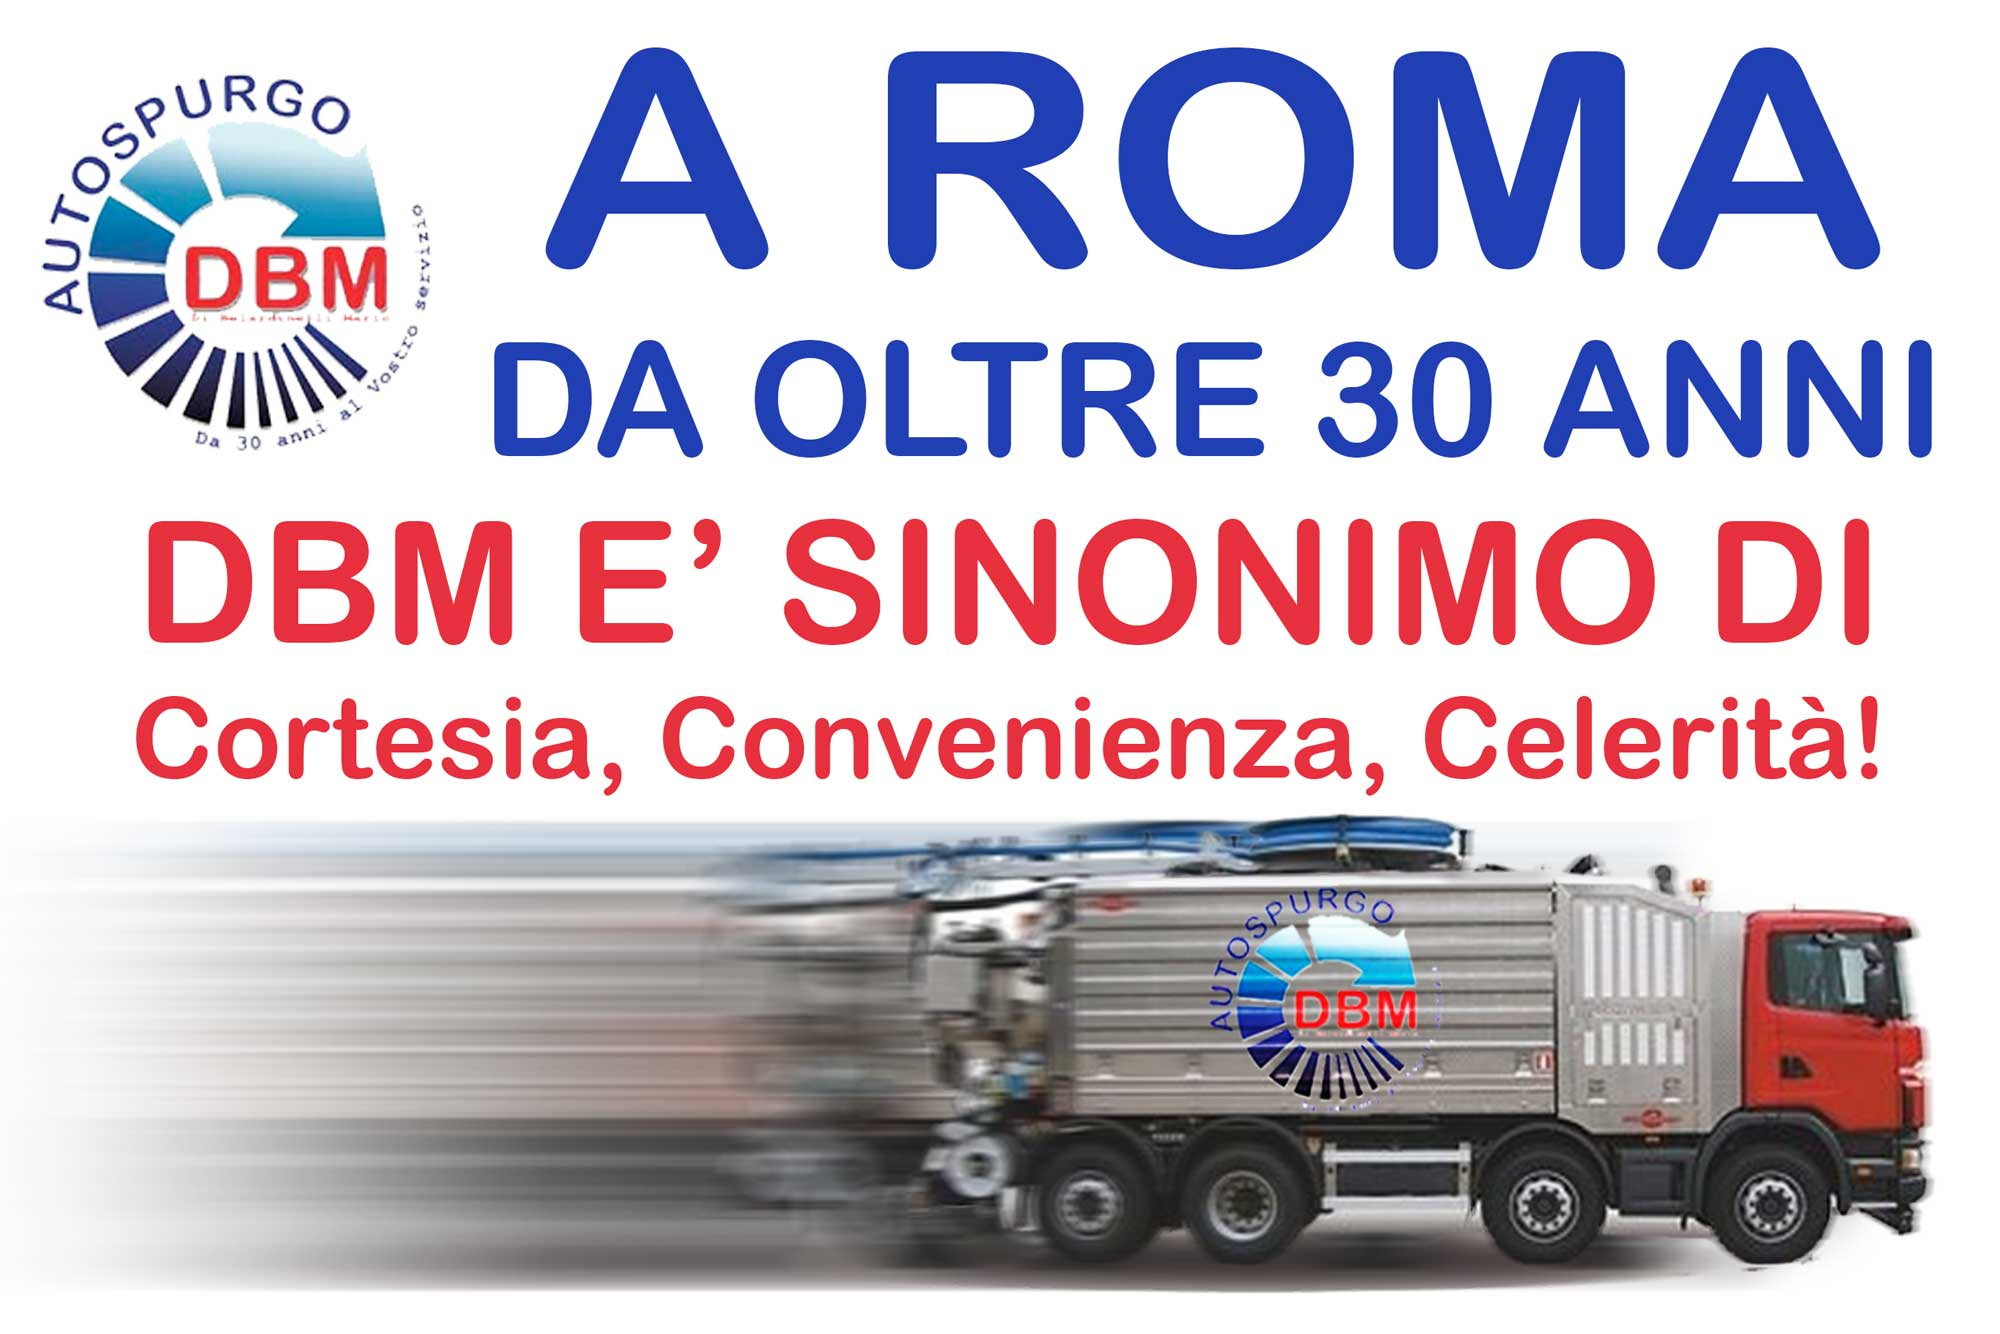 Autospurgo Roma DBM da oltre trenta anni al servizio nella Capitale autospurgo genzano di roma Autospurgo Genzano di Roma AUTOSTURGO ROMA DA 30 ANNI